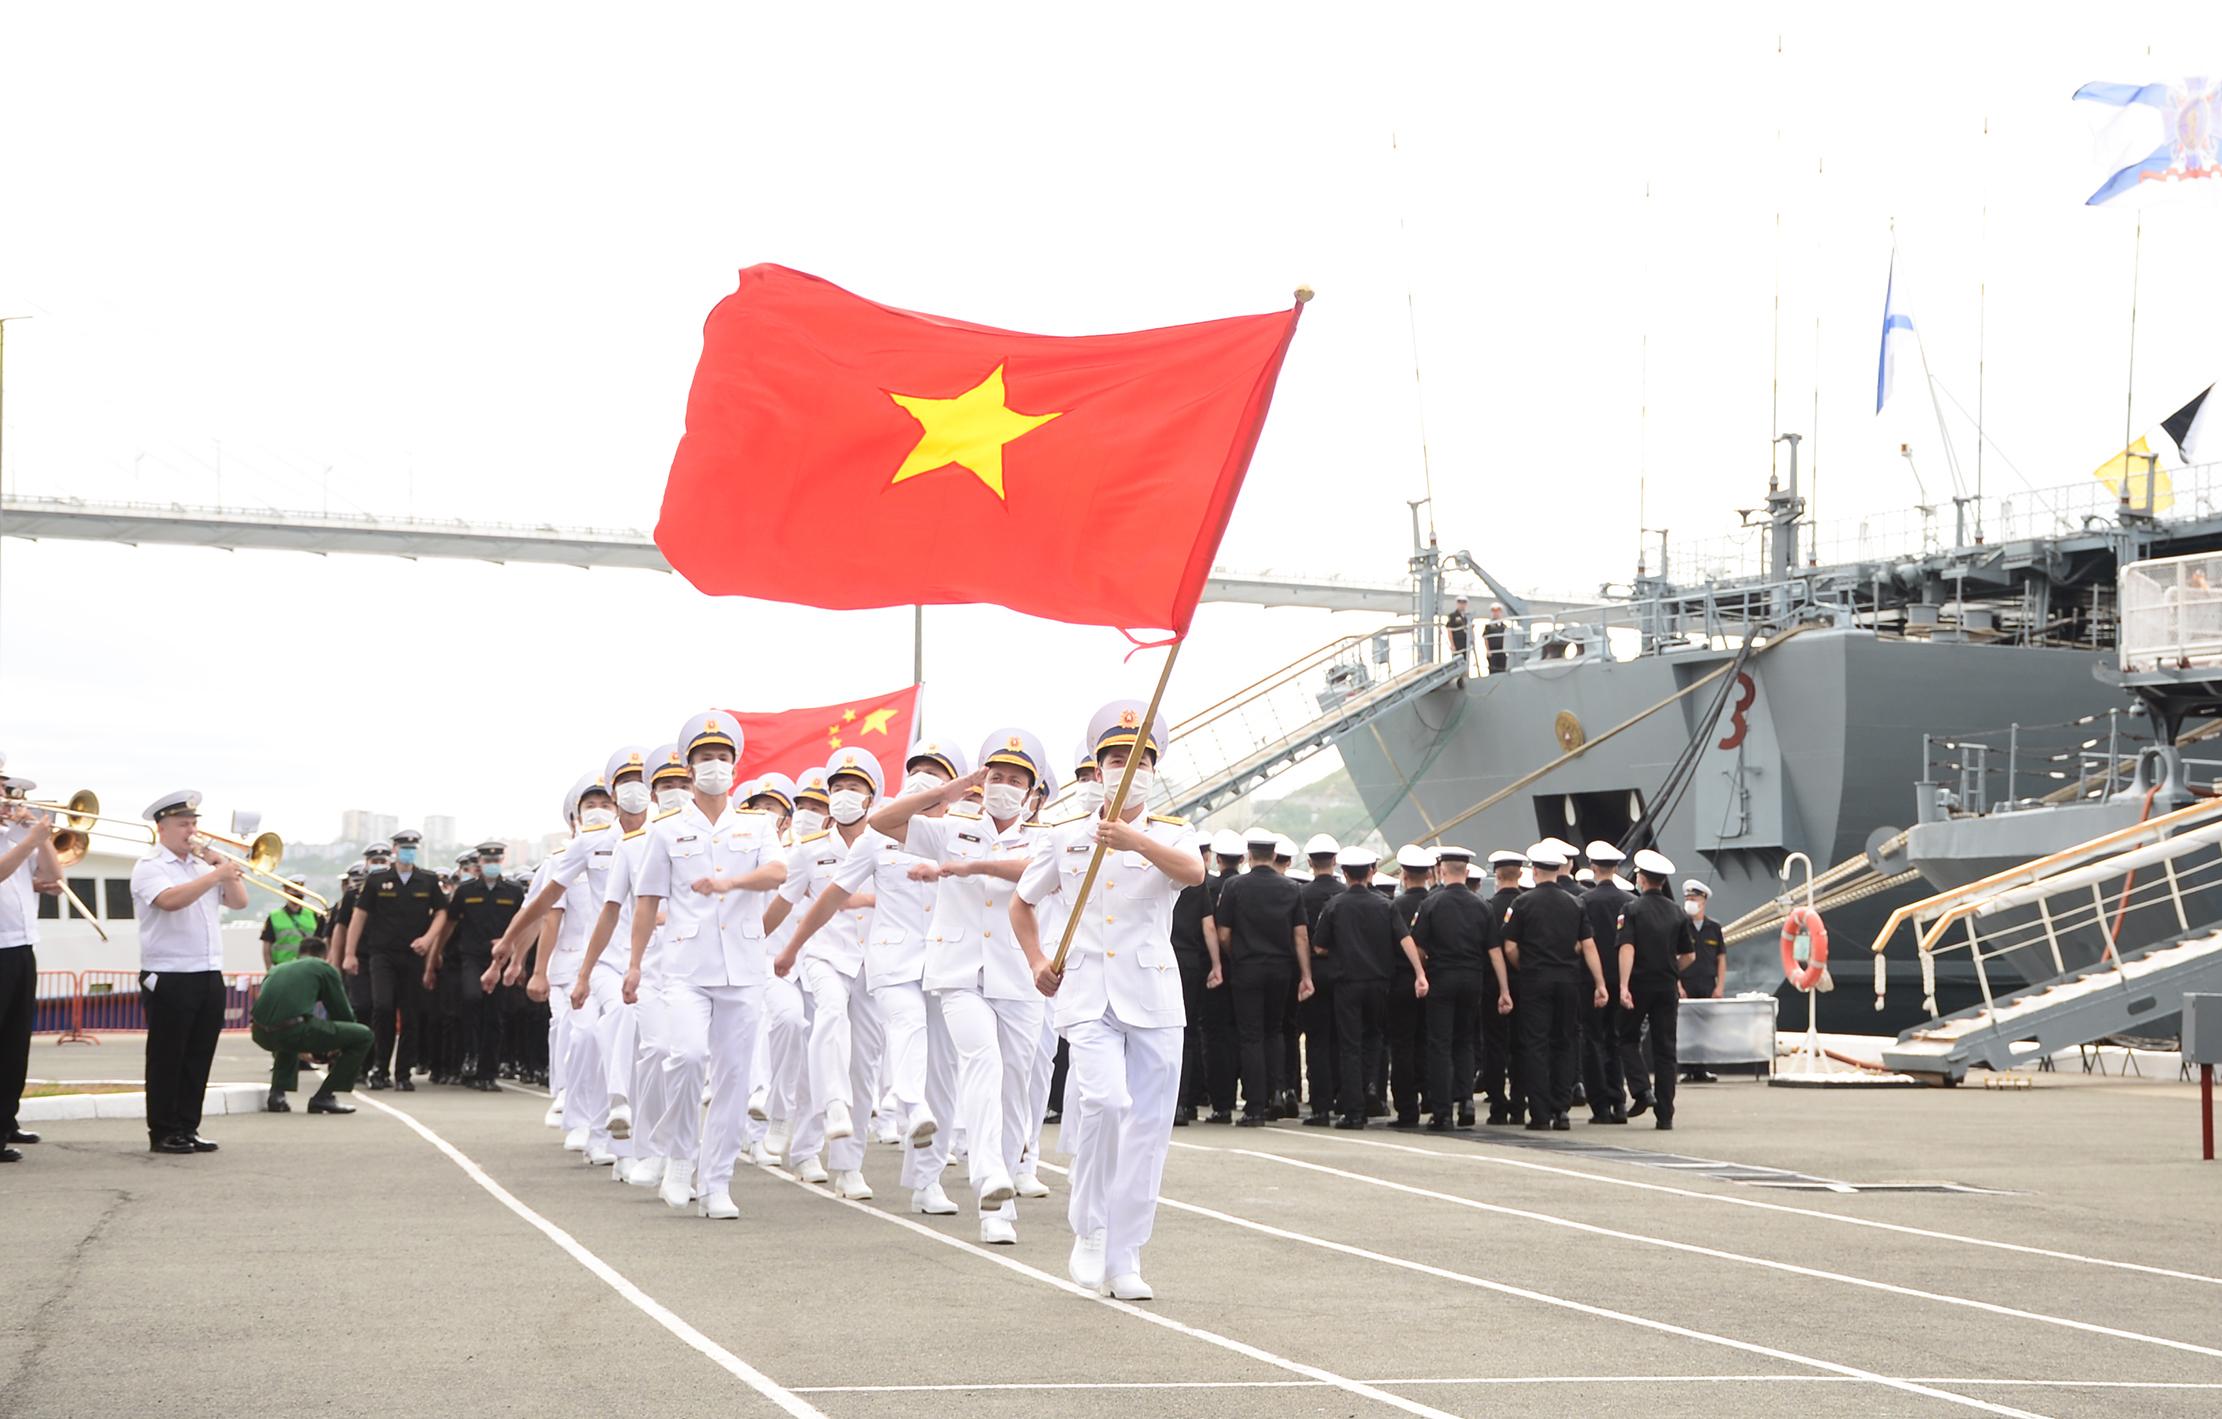 Hai tàu hộ vệ của Việt Nam tranh tài 'Cúp biển' cùng đội Nga, Trung Quốc